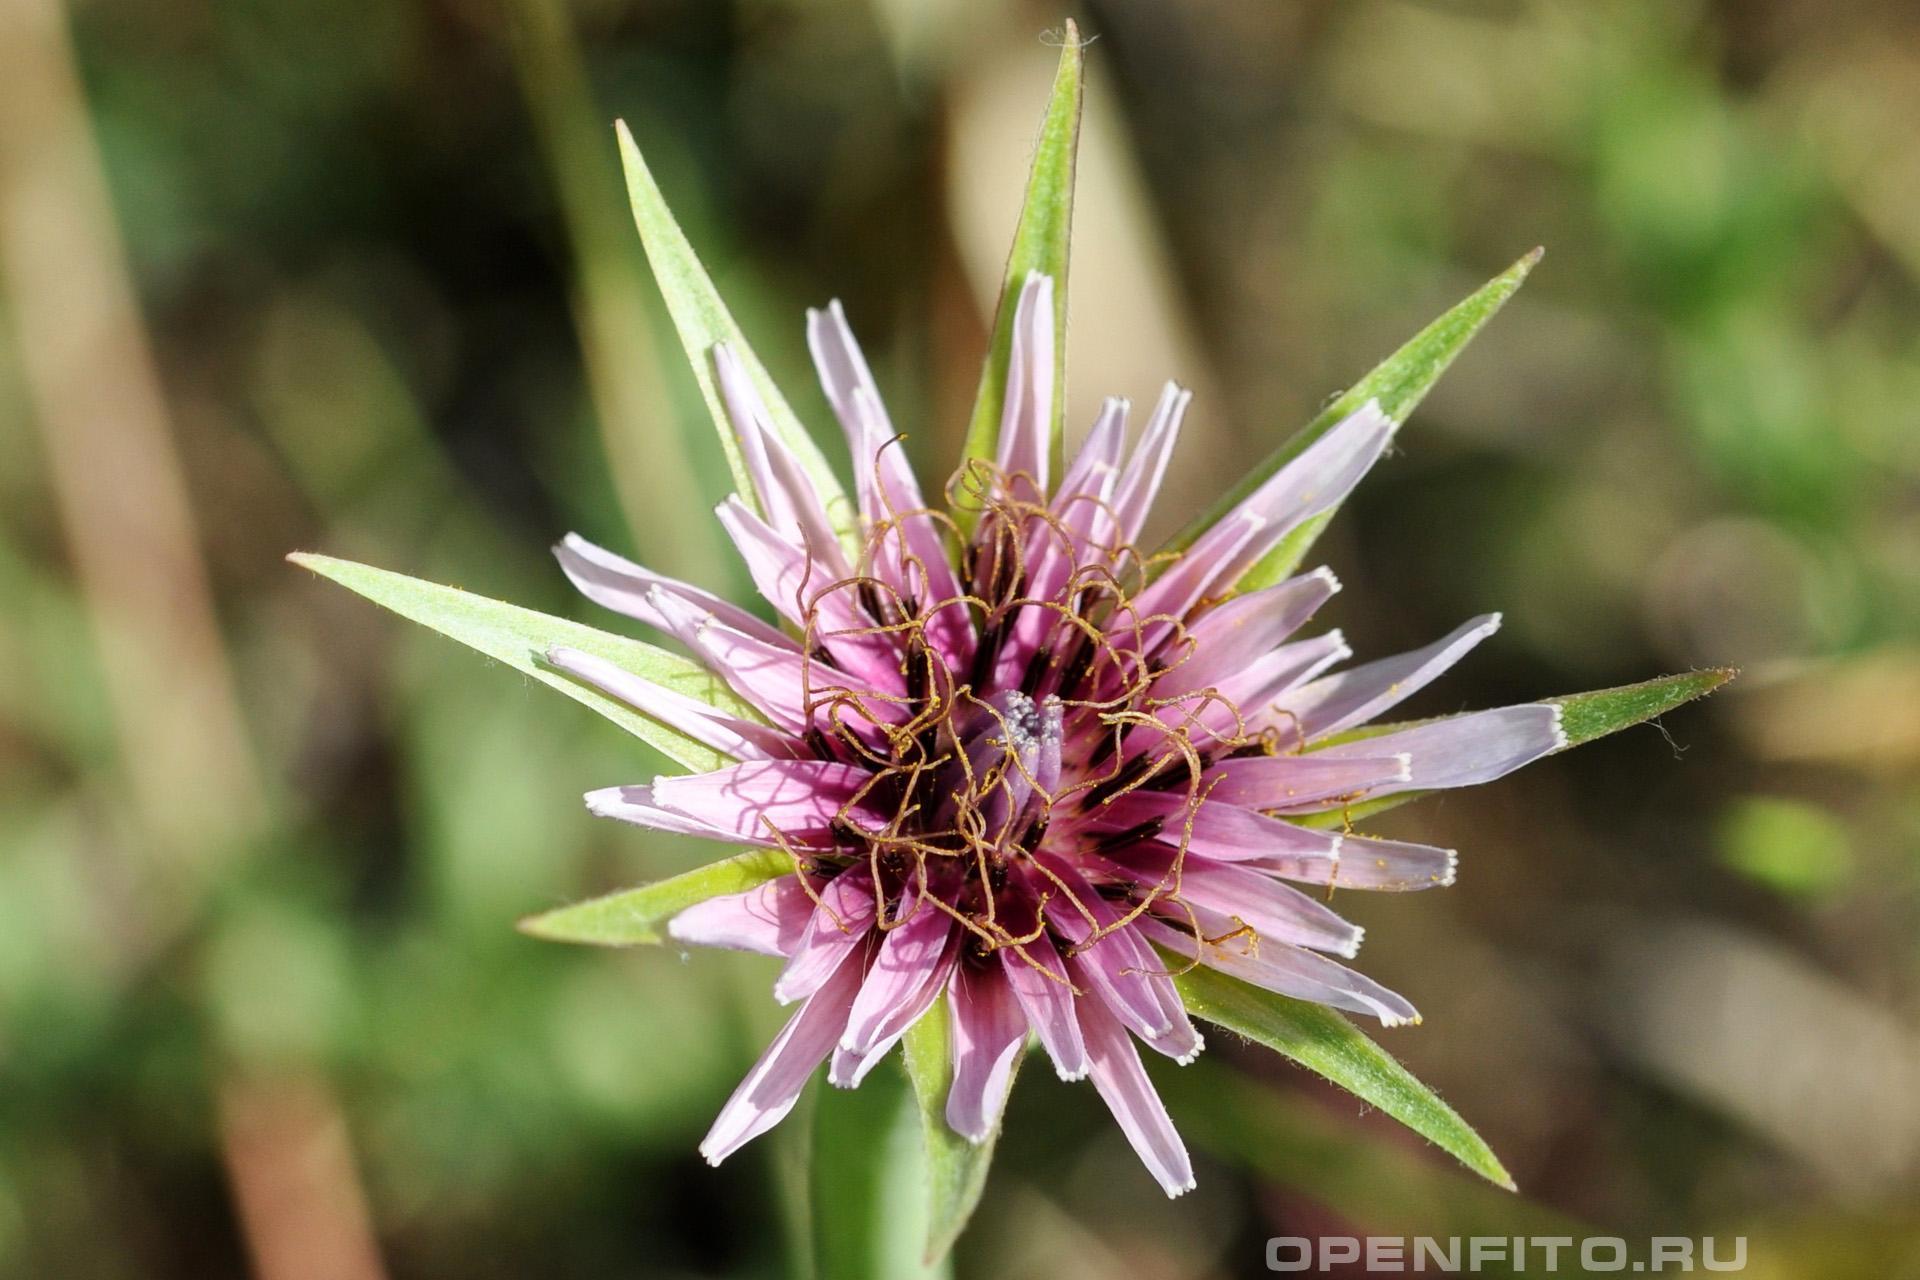 Козлобородник пореелистный фото молодого цветка